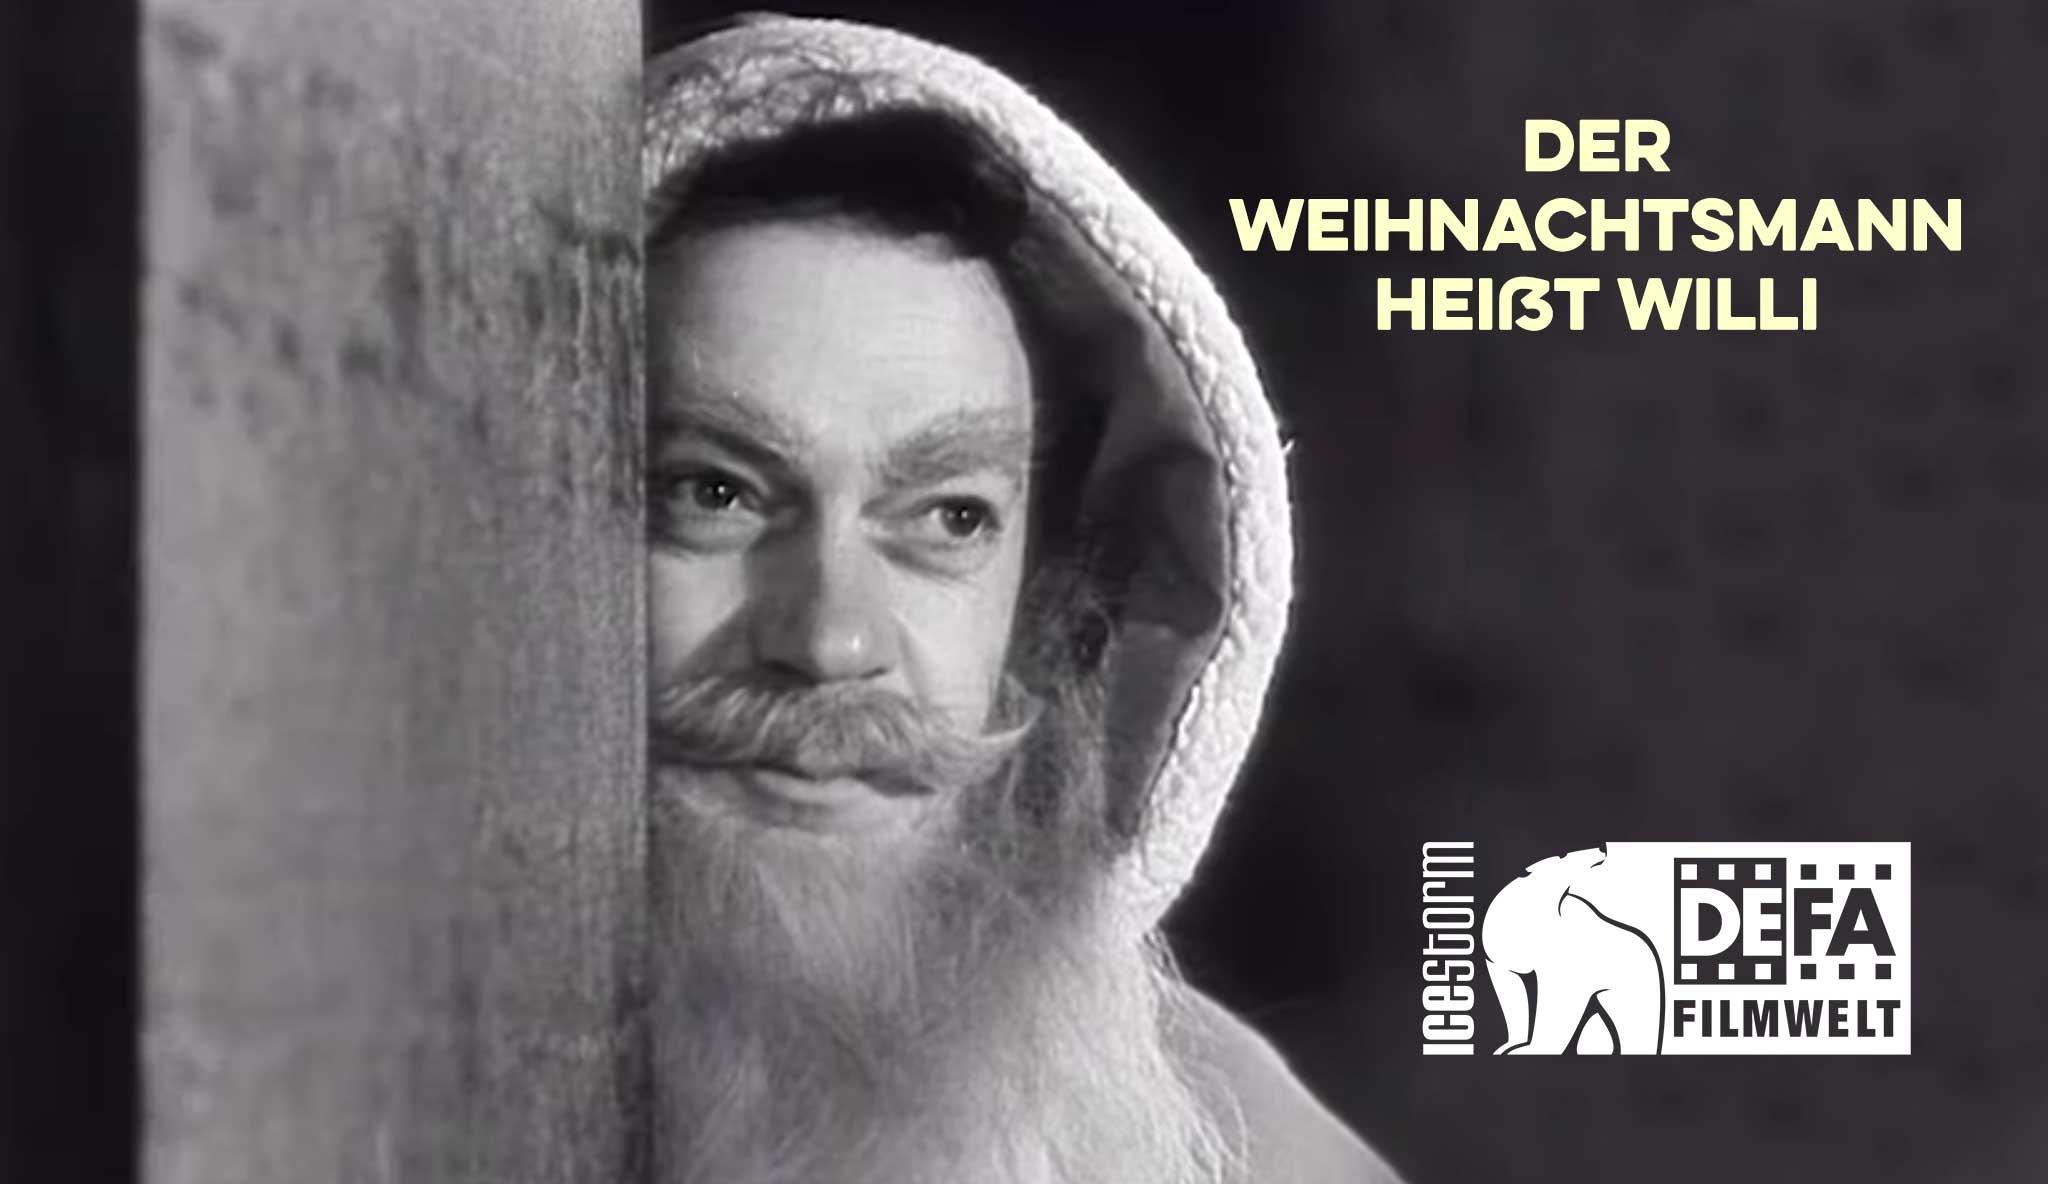 der-weihnachtsmann-heist-willi\header.jpg